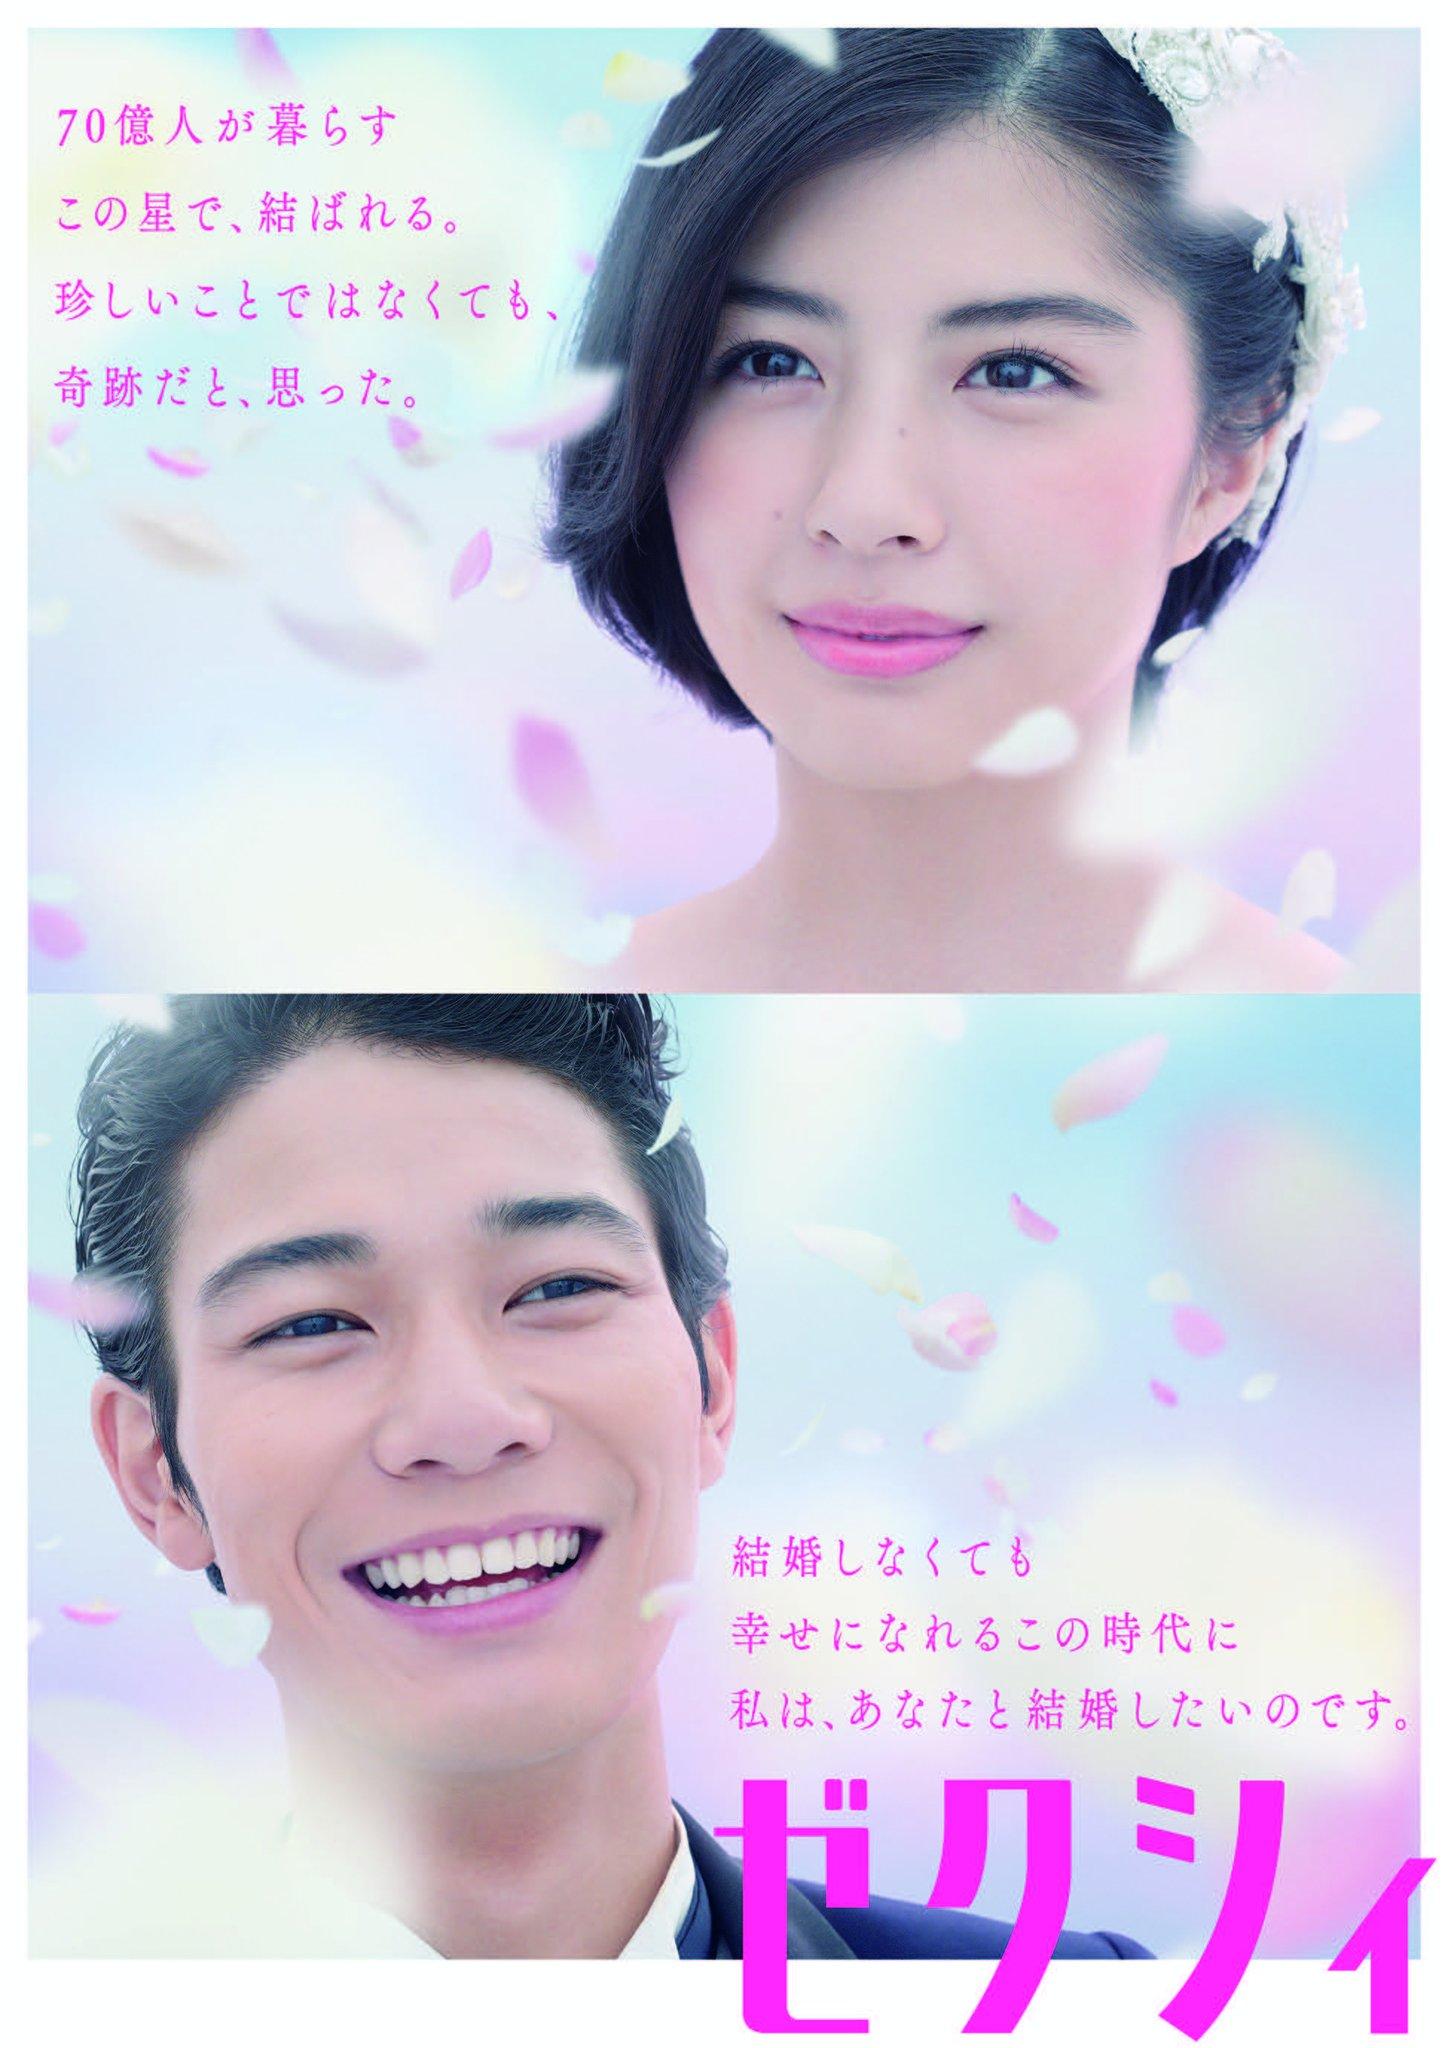 """澤本・権八のすぐにおわりますから。 Twitter પર: """"#TCC最高新人賞 グランプリです!!!!! 坂本美彗 さかもと みさと 博報堂  結婚してなくても幸せになれるこの時代に私は、 あなたと結婚したいのです。 リクルート/ゼクシイ/ポスター #すぐお"""